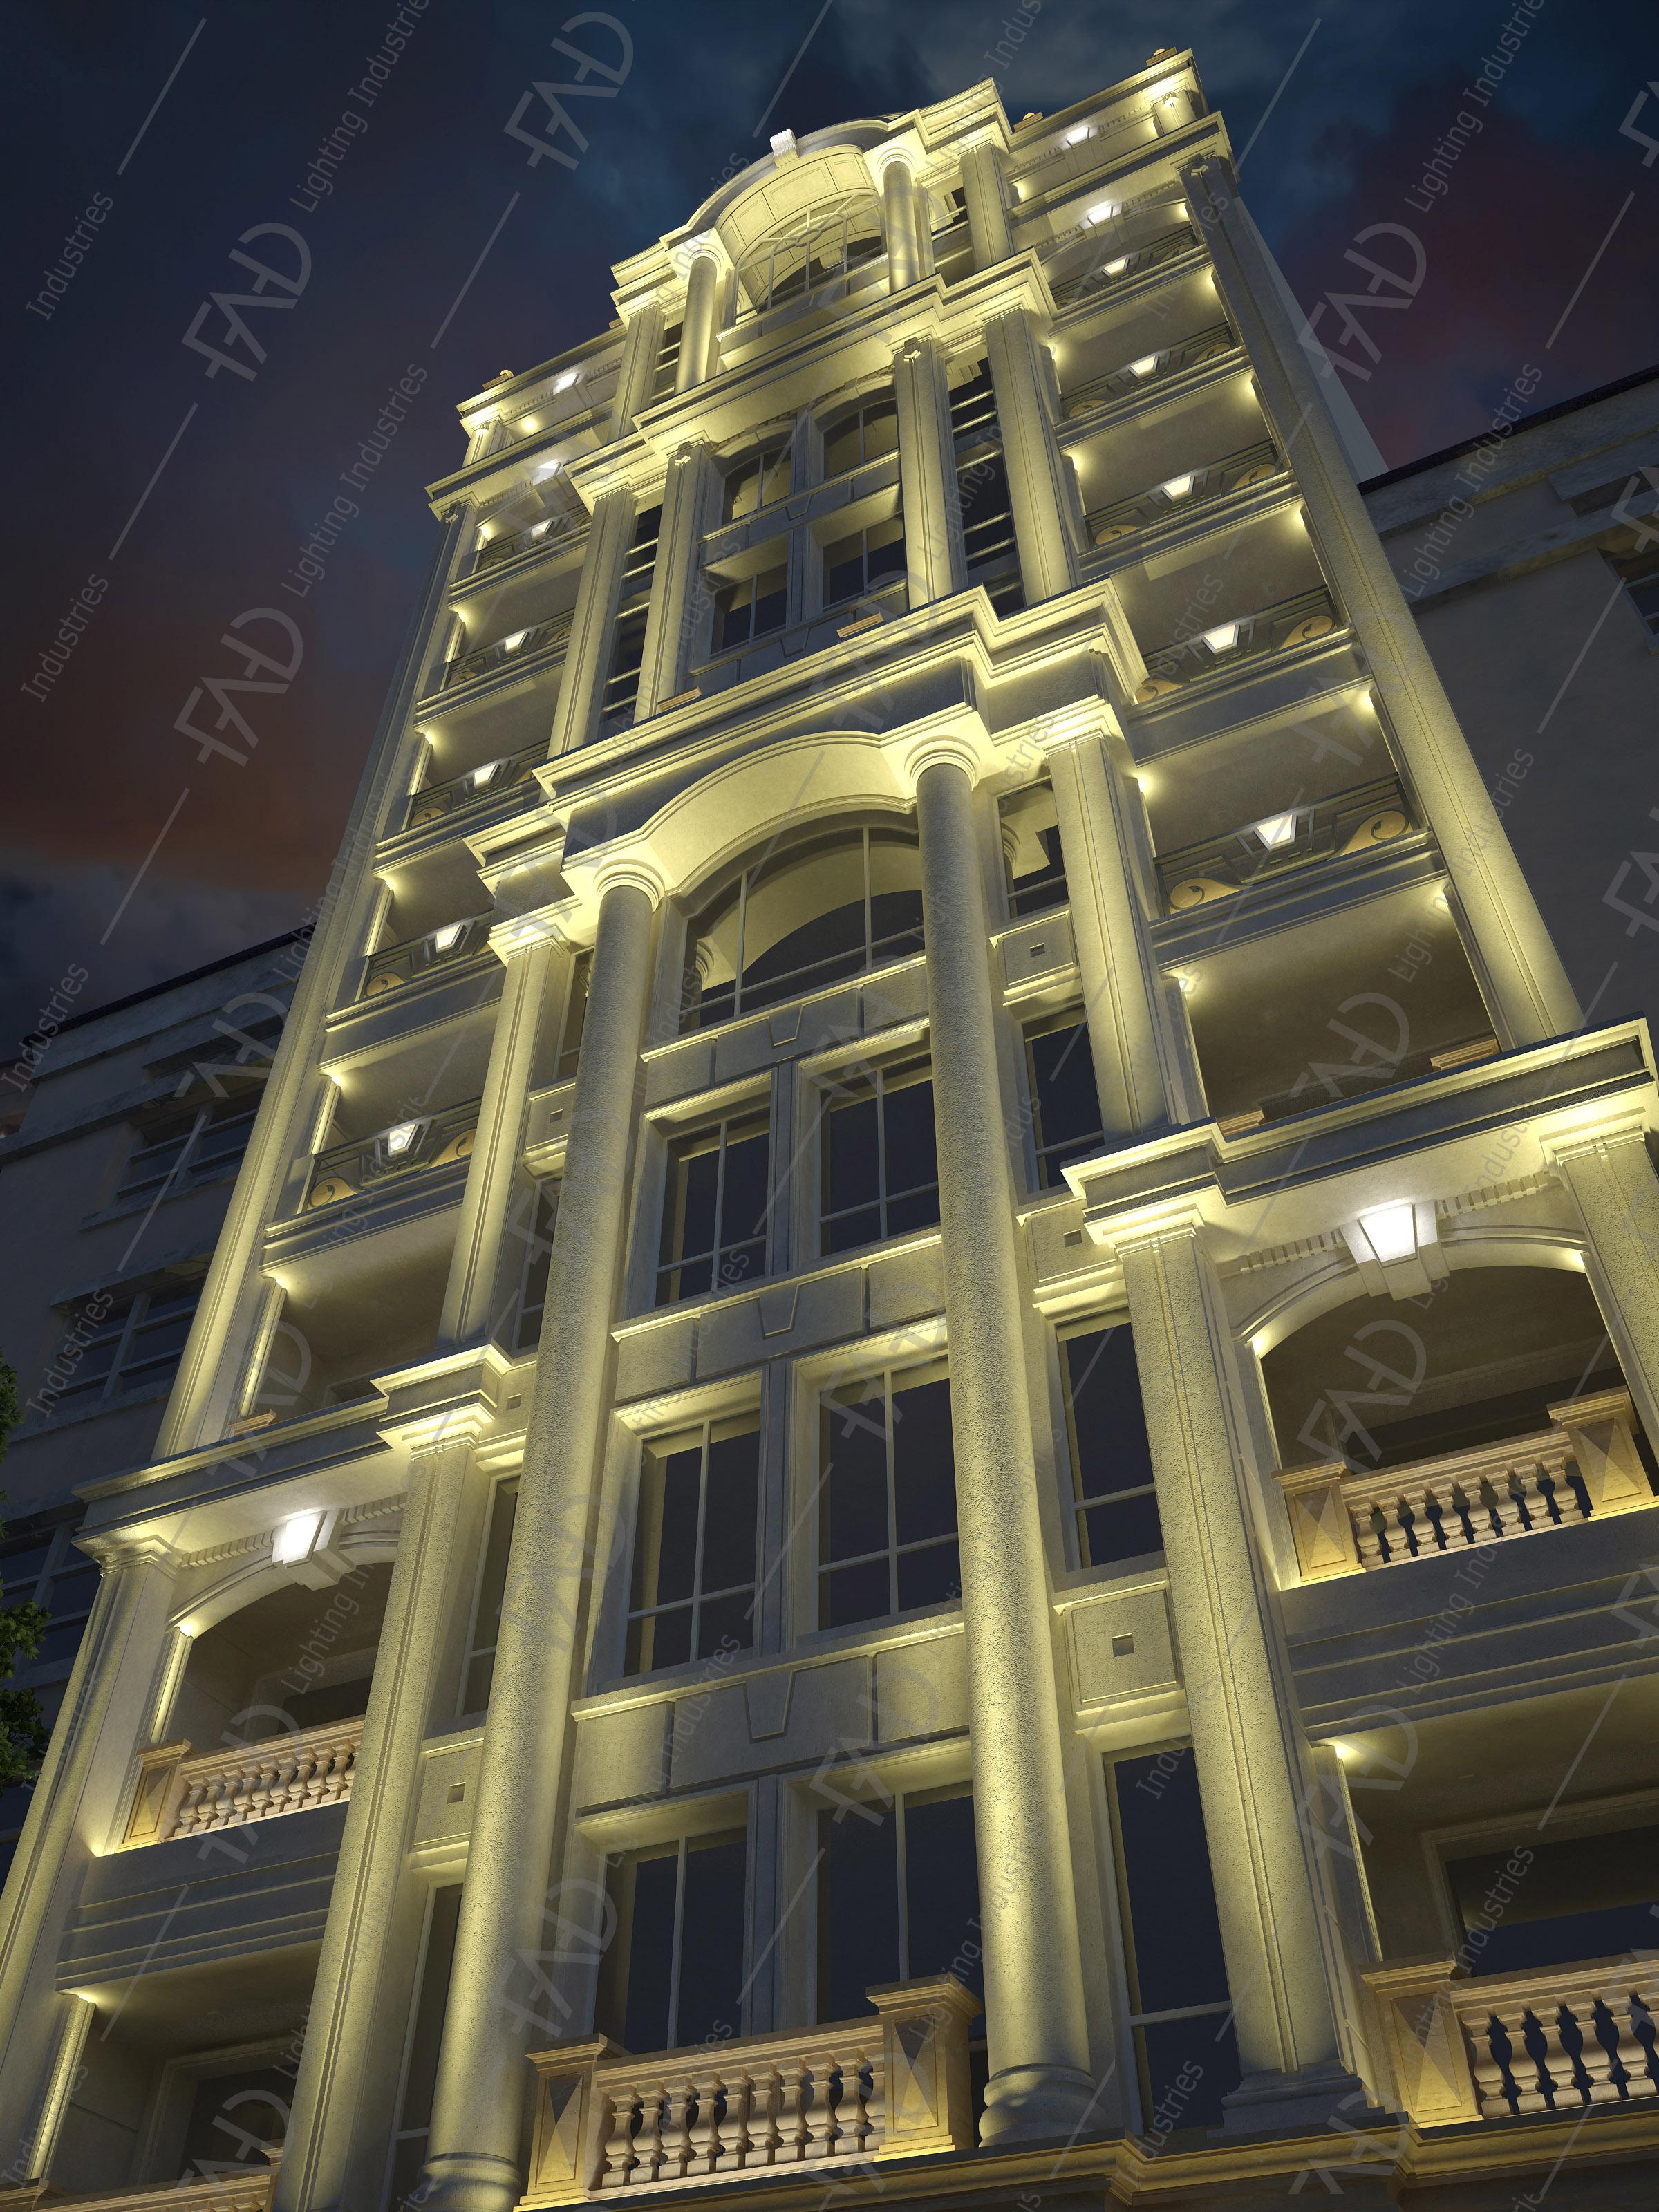 شرکت نورپردازی فاد - مجتمع مسکونی گلدن گاردن